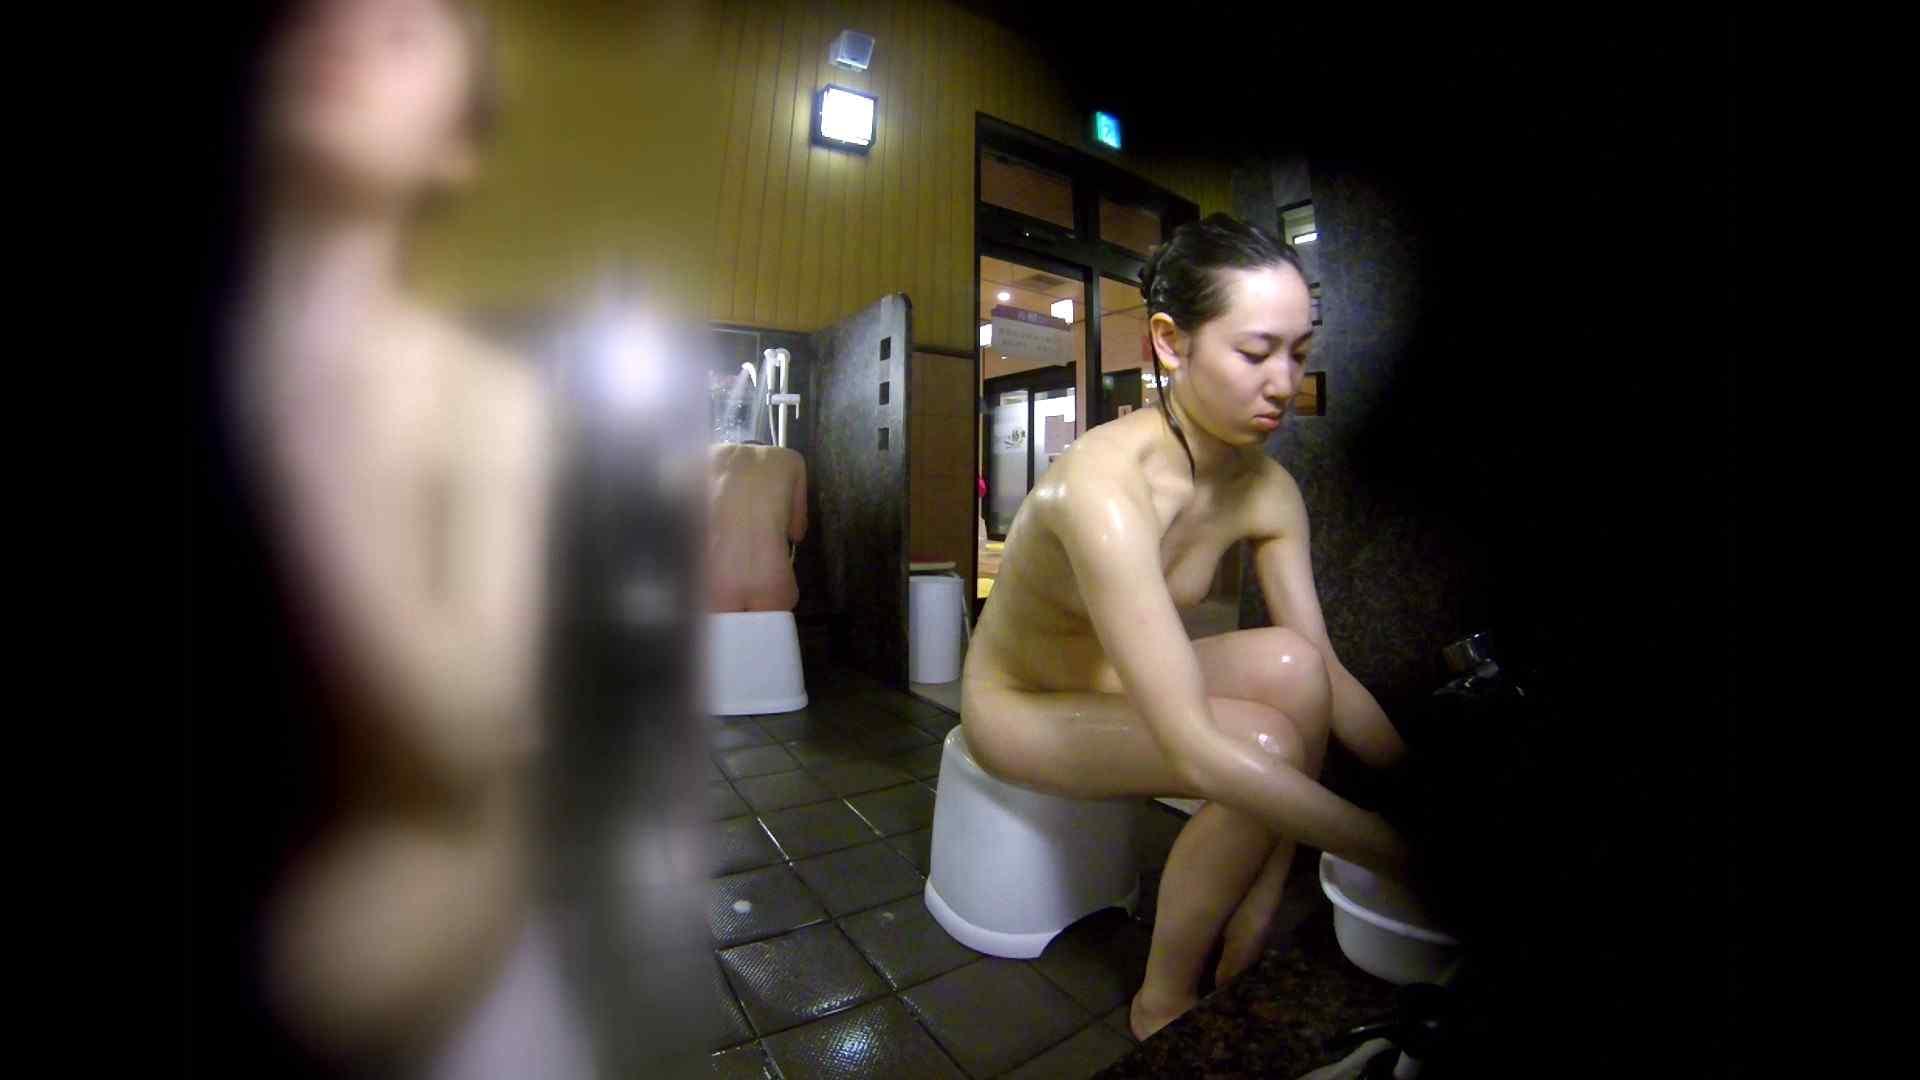 洗い場!チラチラ見てくる理想のボディの清楚さん 女湯のぞき エロ画像 79枚 66